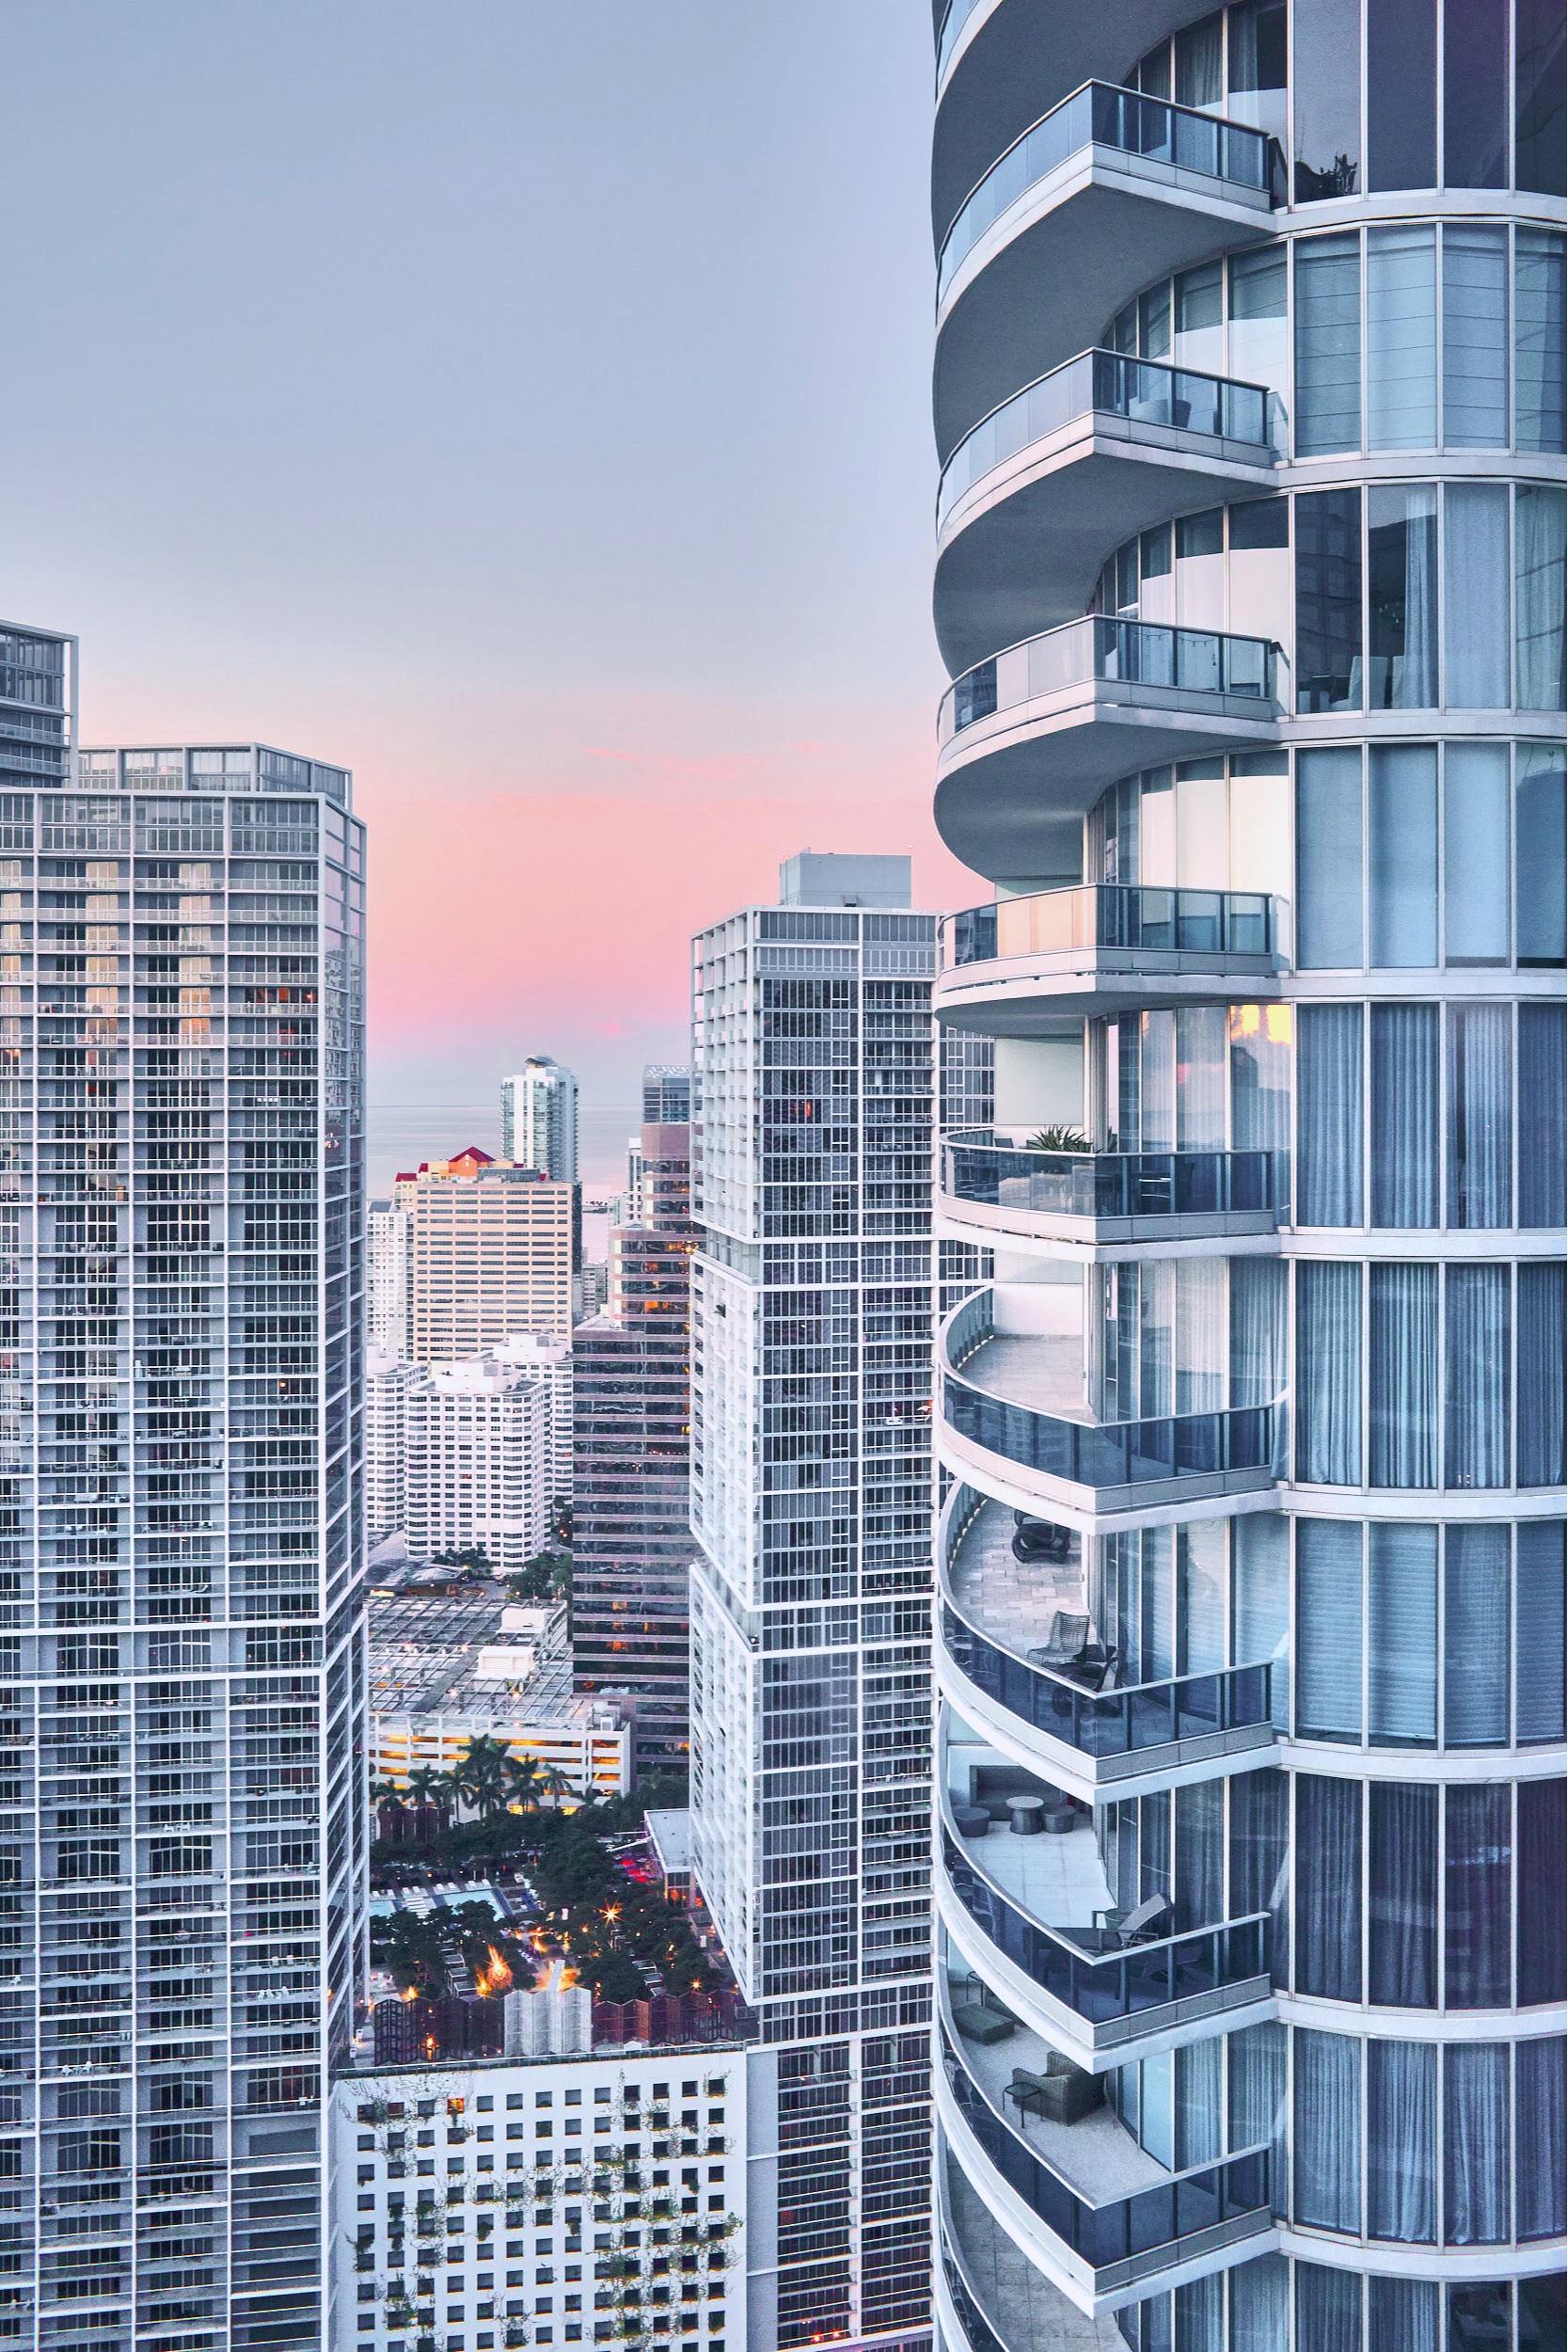 Kimpton Hotel, Miami